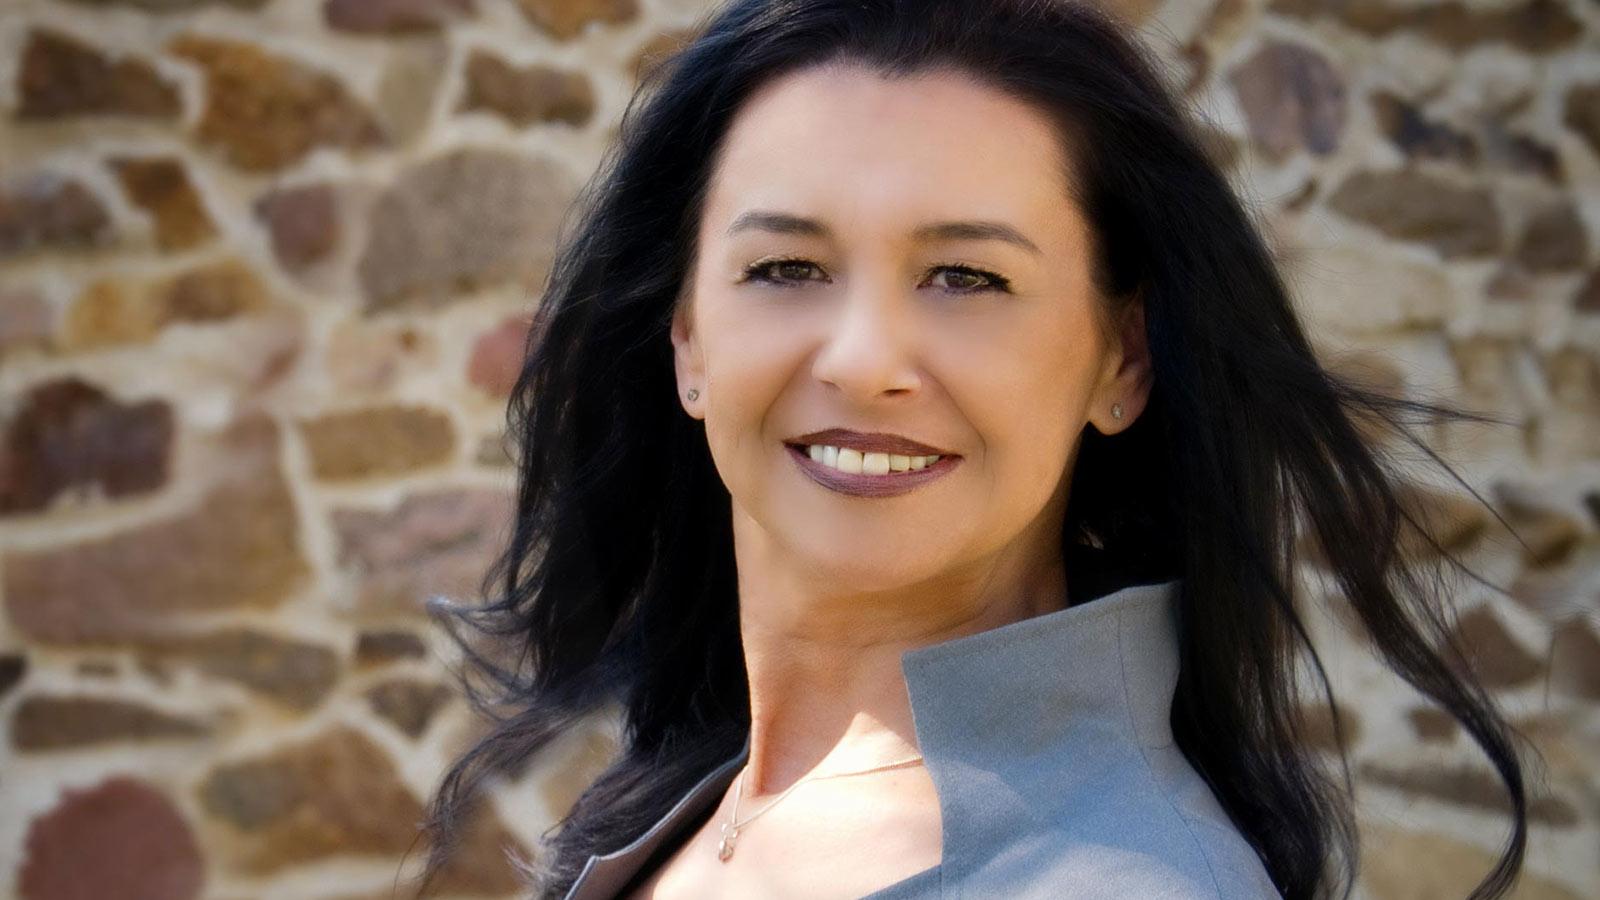 Isabella Schmalhofer